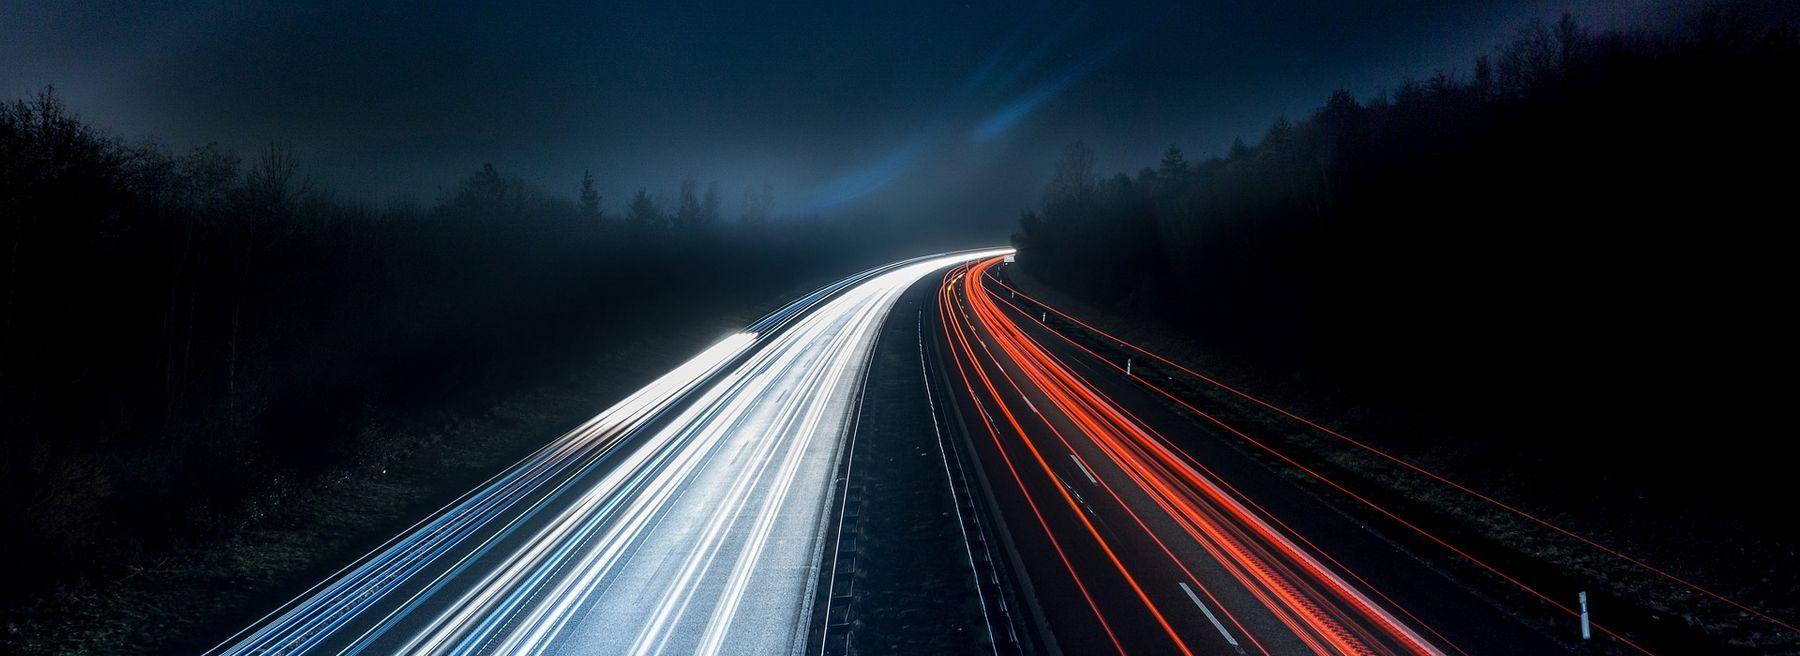 Lichtspuren in der Nacht auf der Autobahn Autobahn.jpg